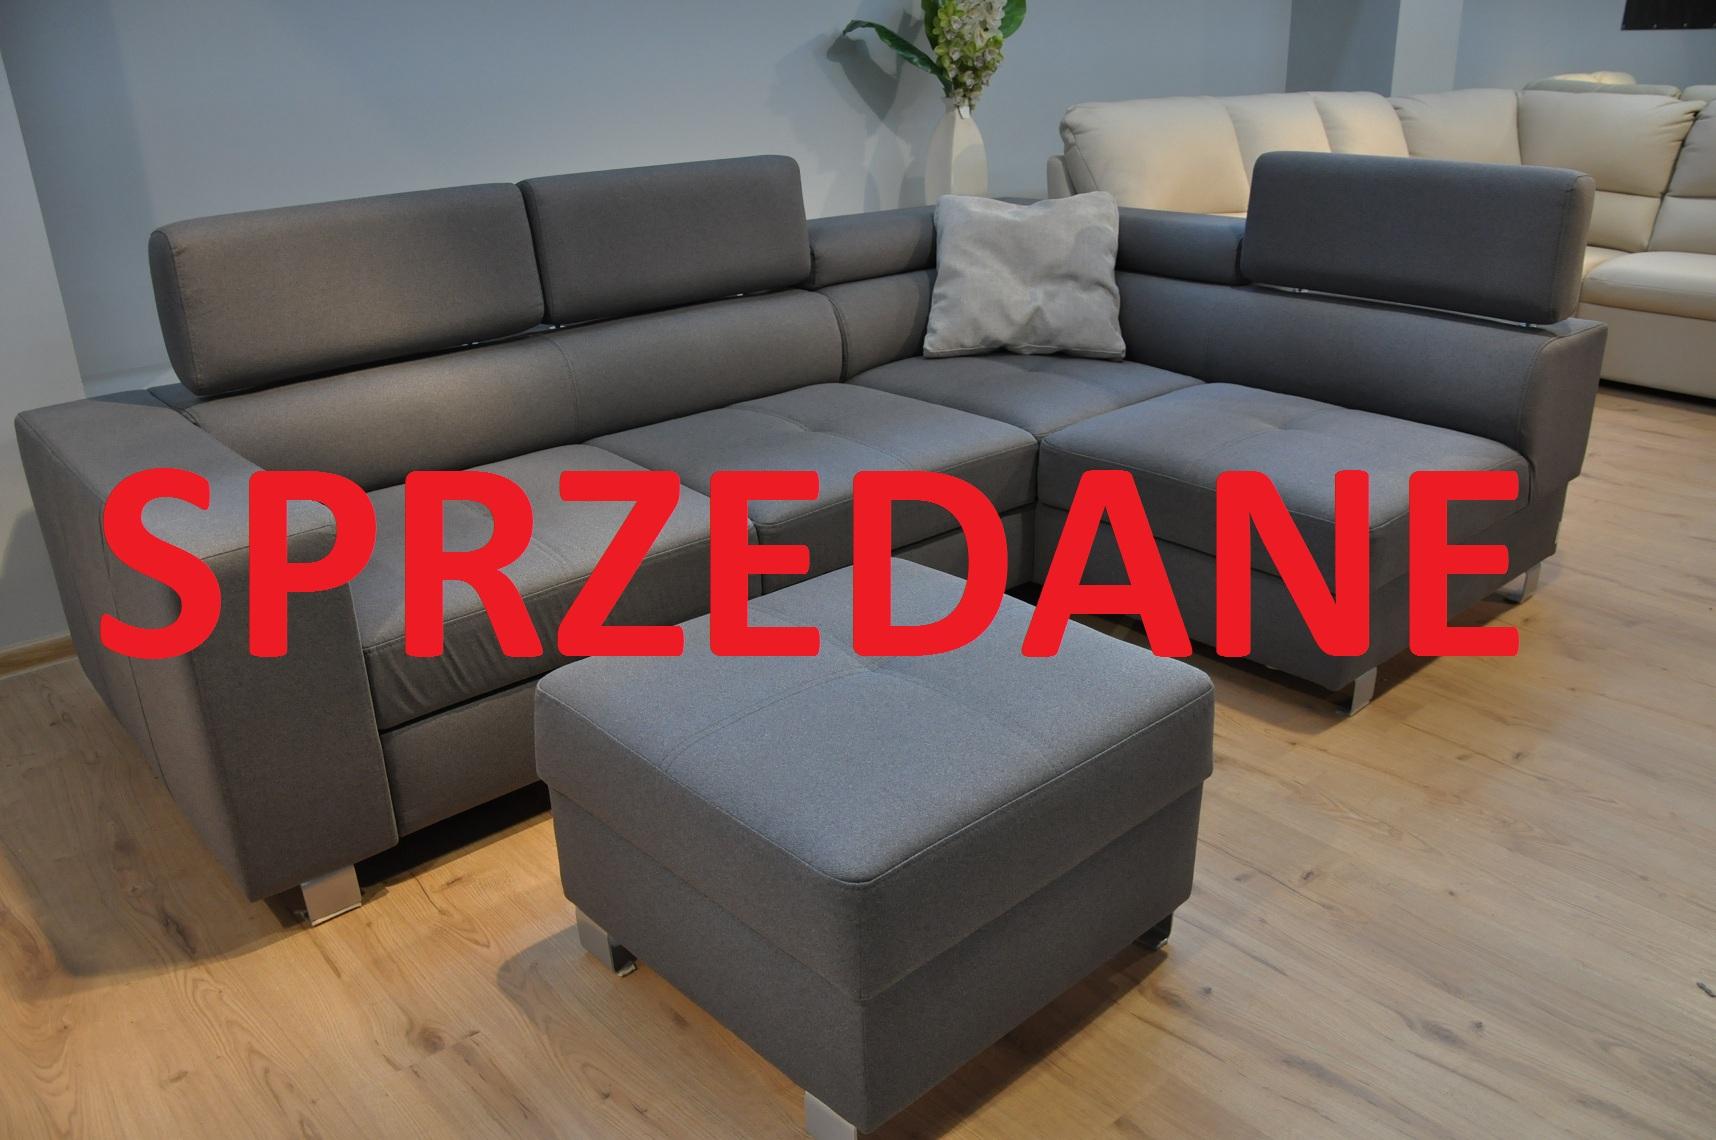 ENZO Caya Design Warszawa STUDIO KOMFORT narożnik bez dostawki z funkcją spania + puf Tkanina NOVELL 12 FARGOTEX SPRZEDANE